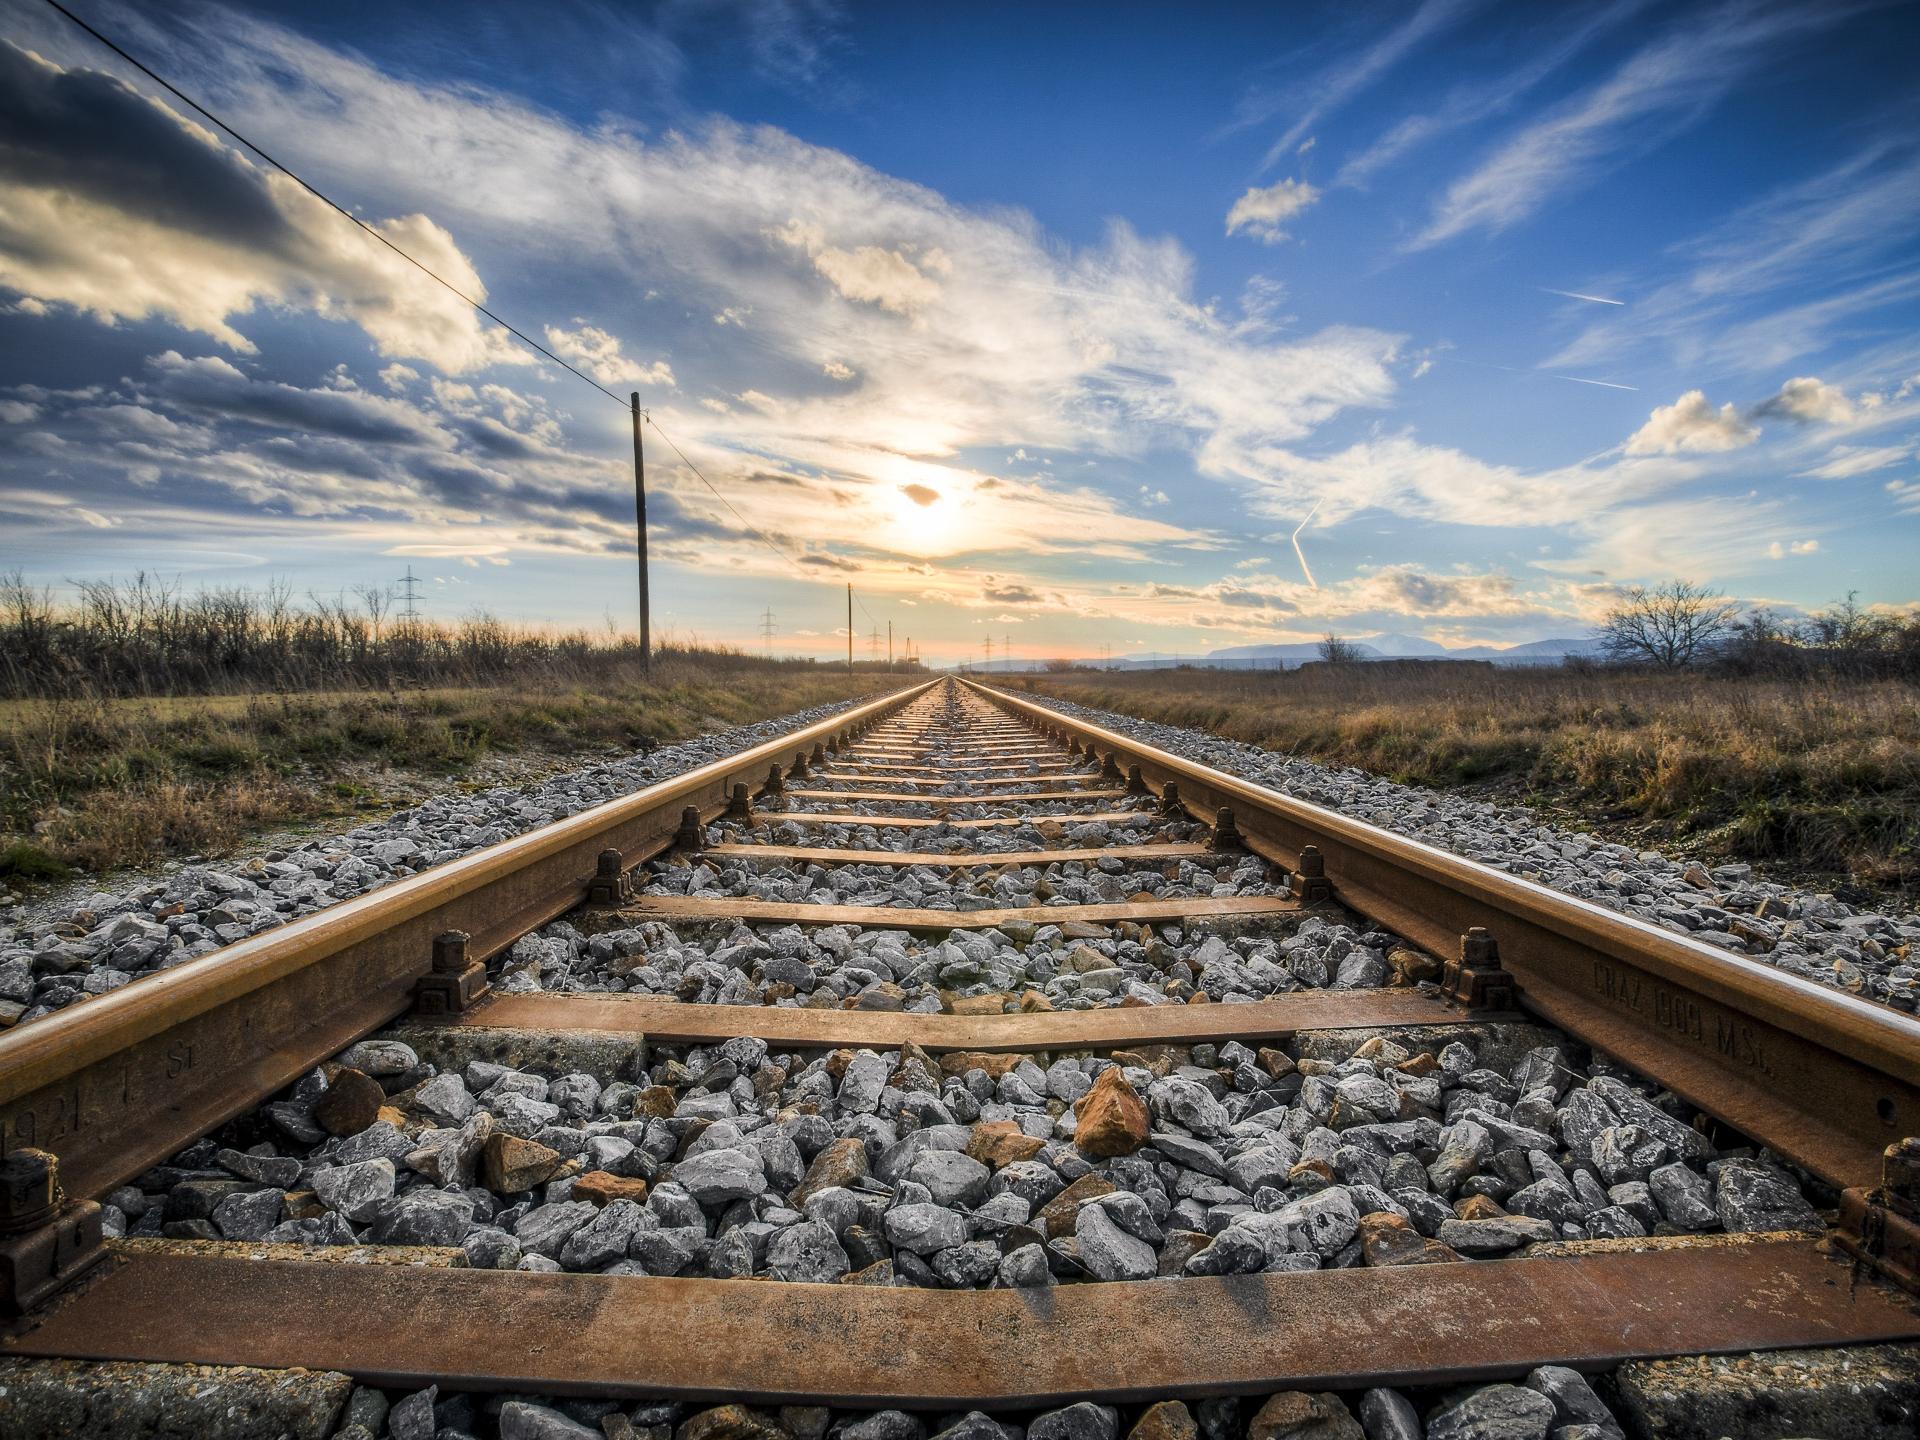 Auch wenn Züge inzwischen oft mit rasender Geschwindigkeit unterwegs sind, sind sie dennoch viel langsamer als Flugzeuge. Dadurch bekommt man von der zurückgelegten Distanz einen besseren Eindruck. - Photocredit: pixabay.com/Fotoworkshop4You